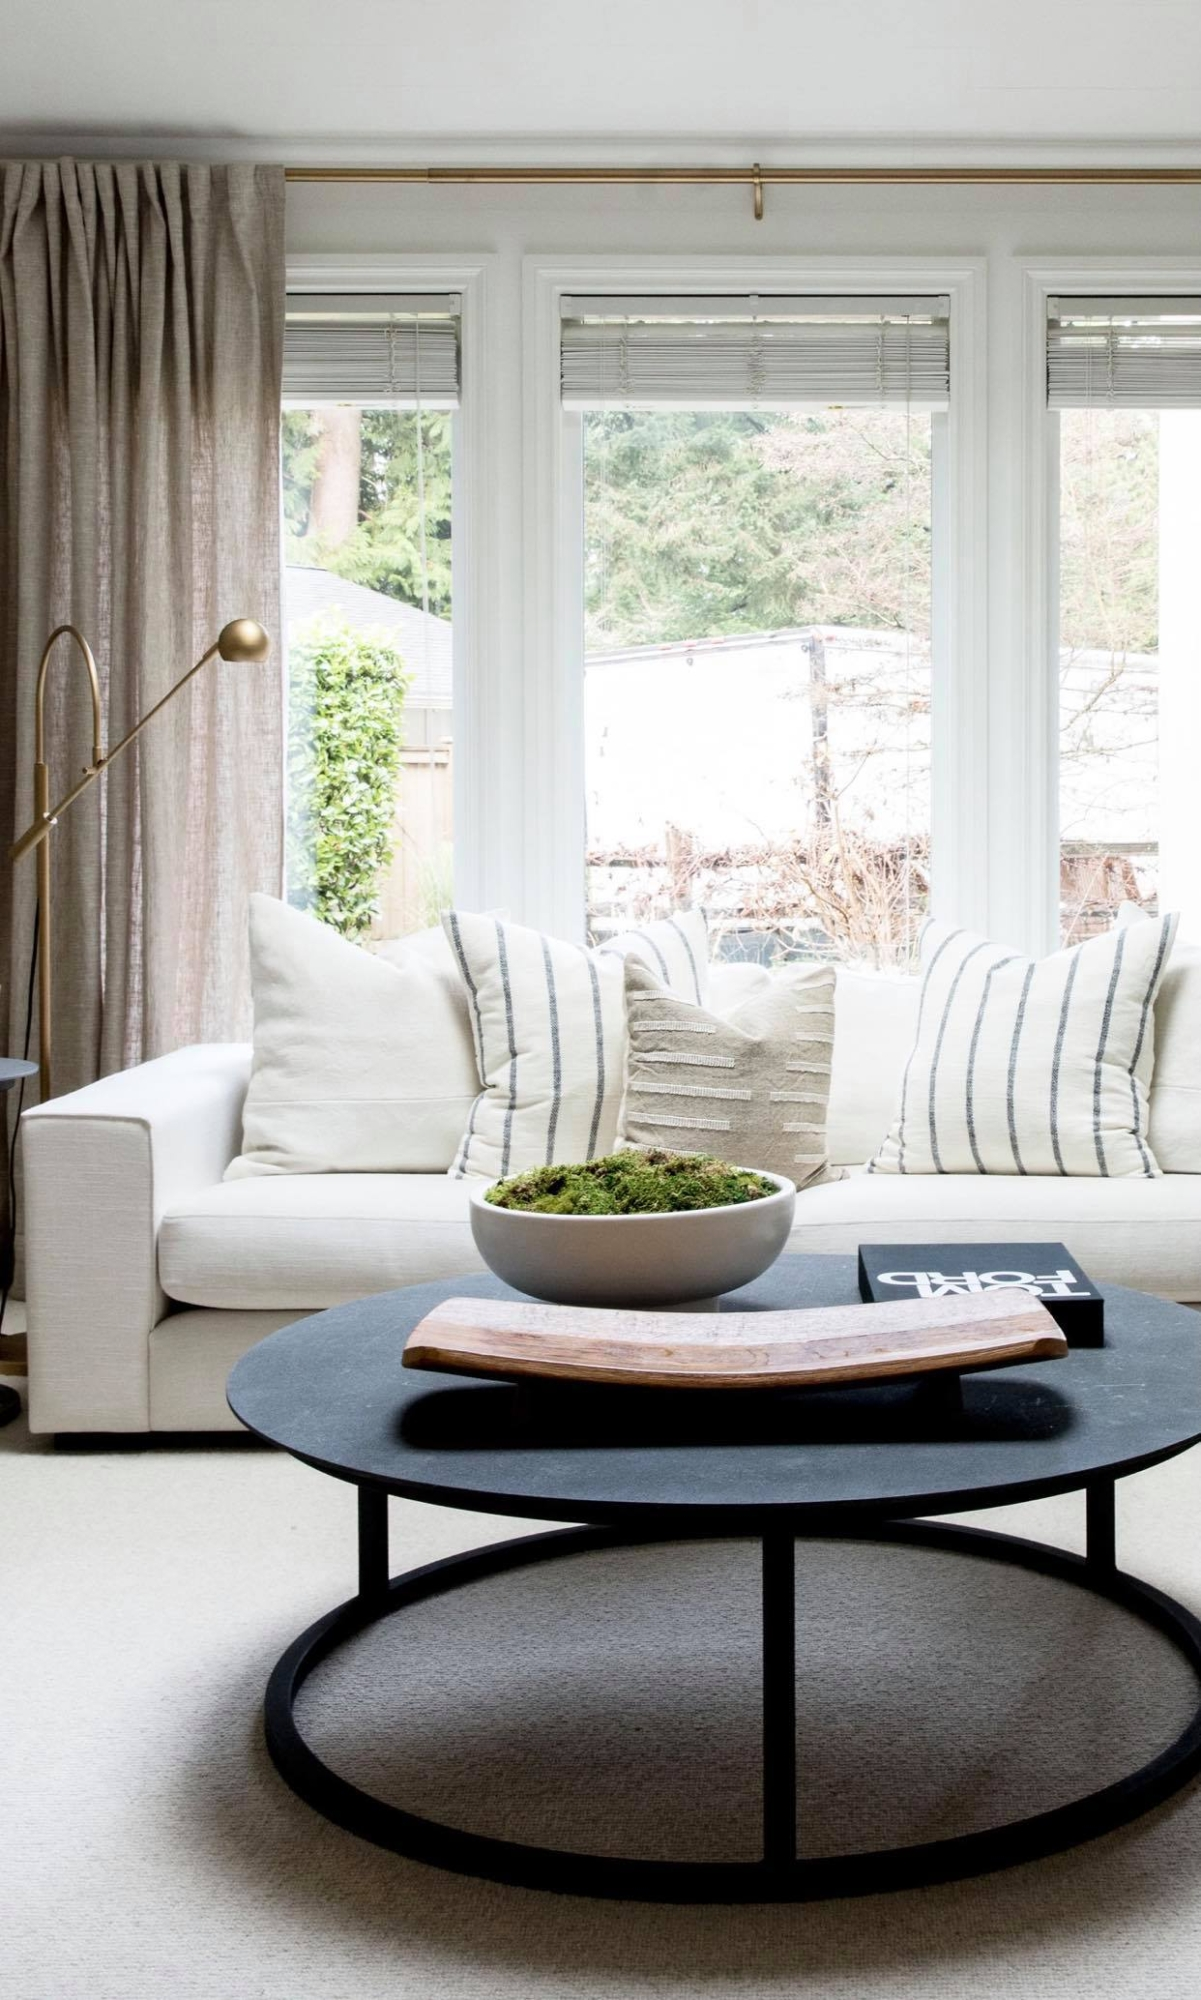 %luxury home staging %modern interior design